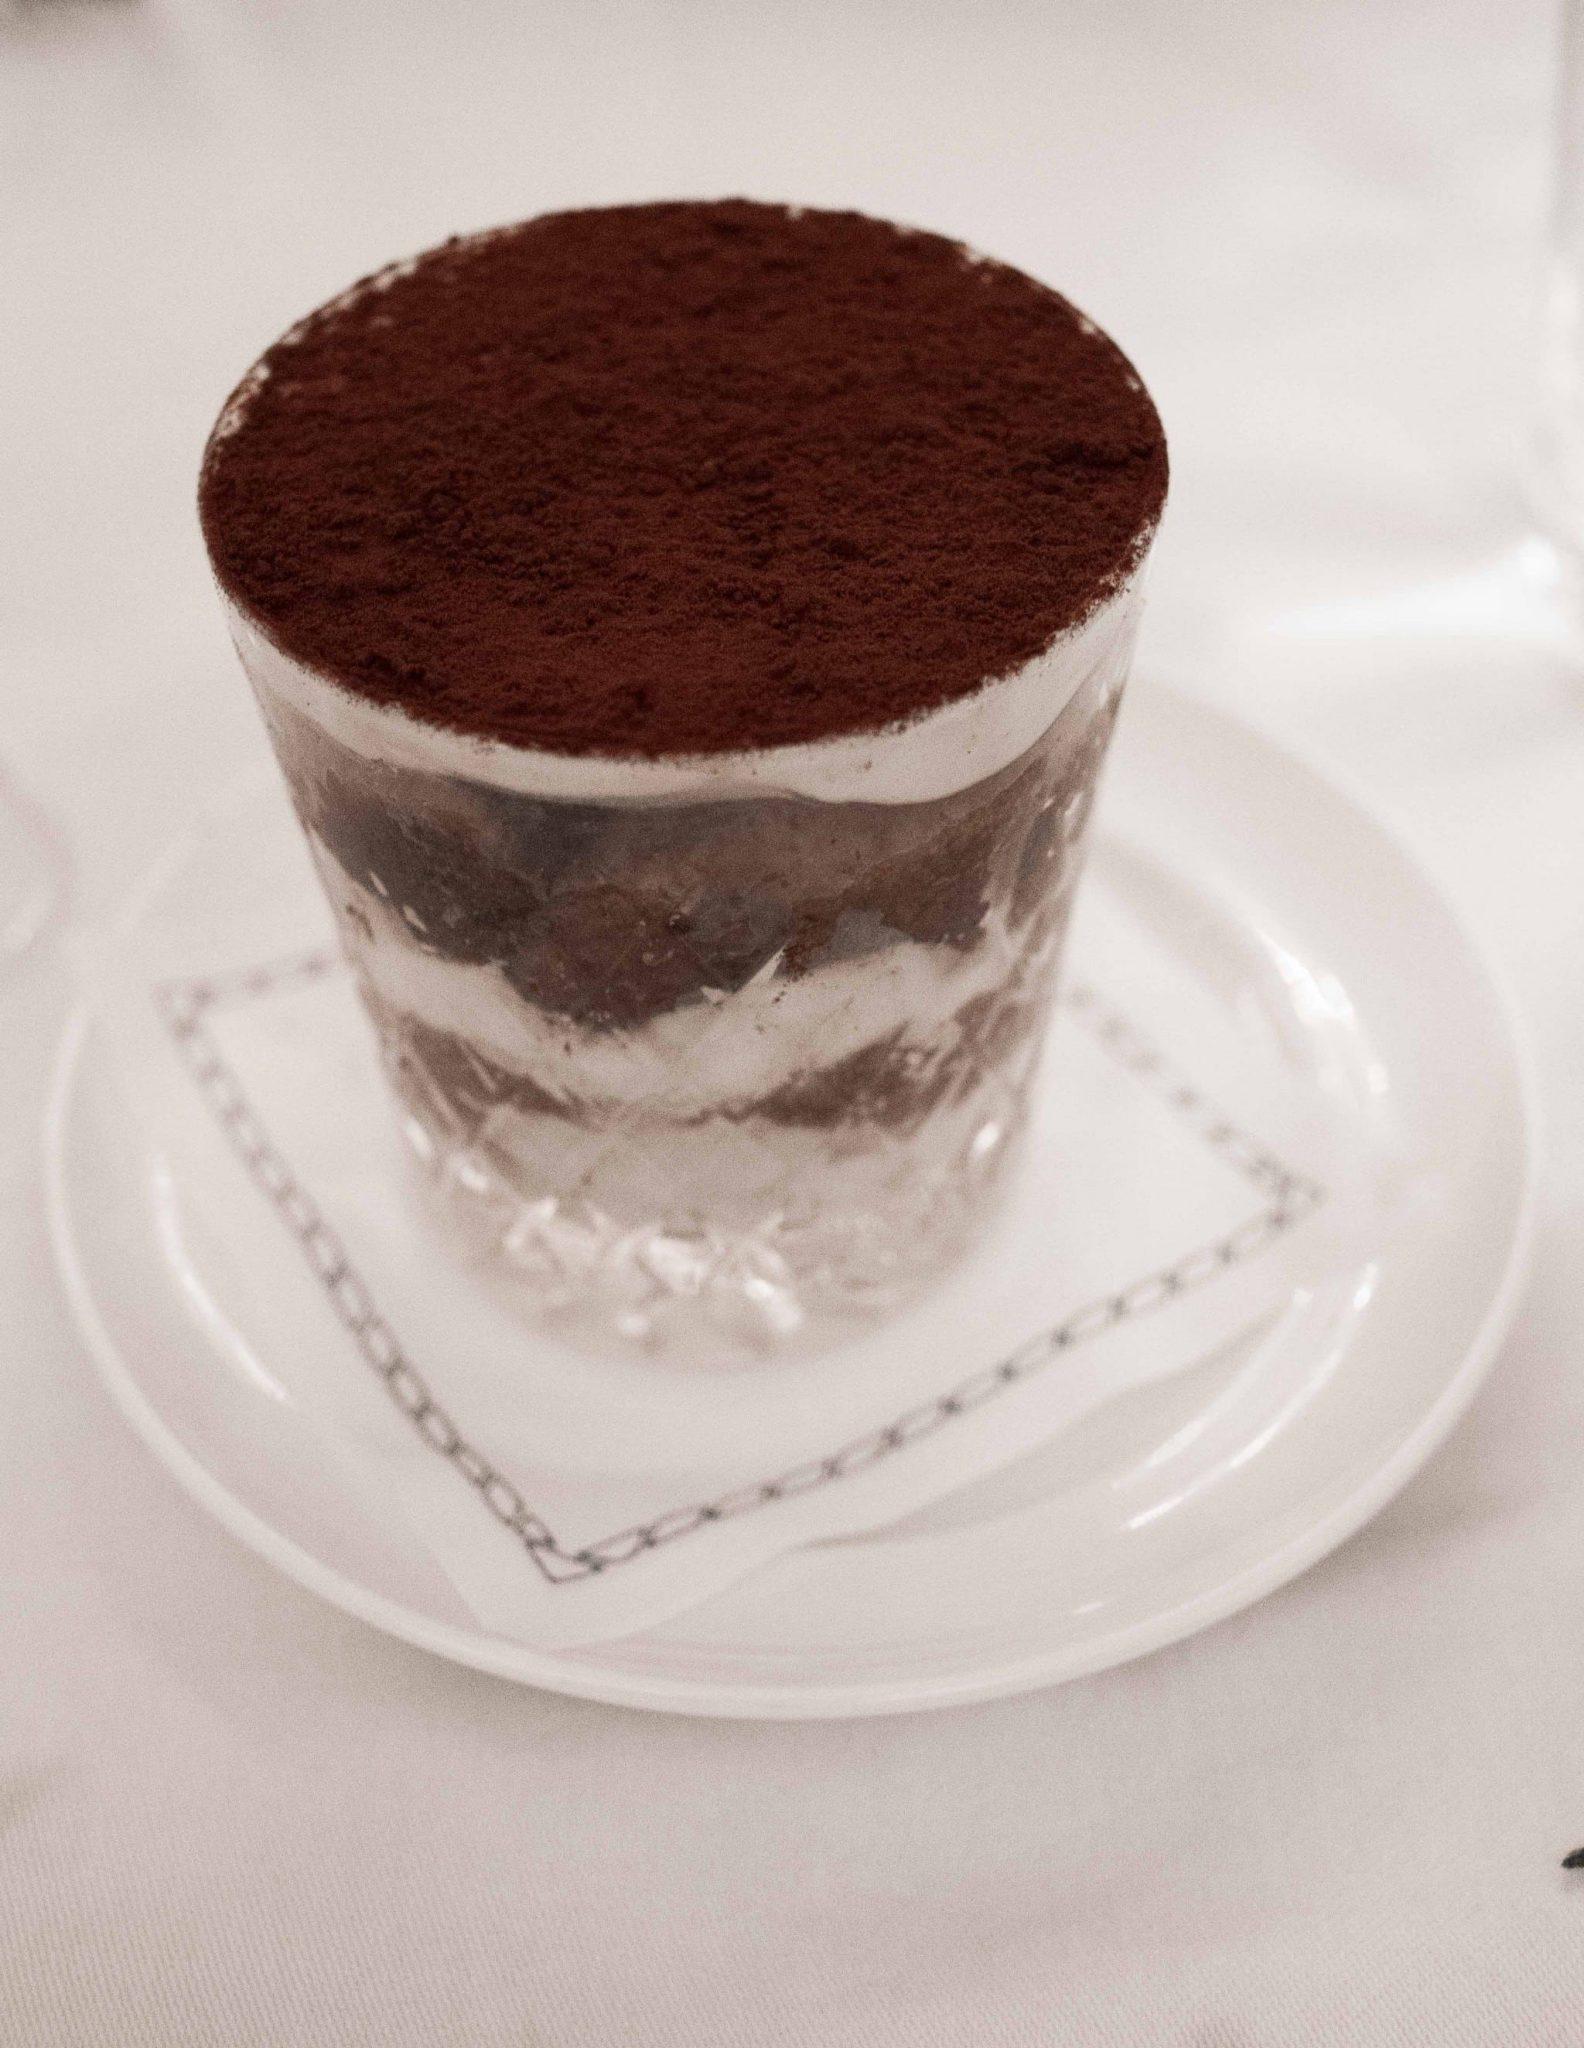 cecconis culinessa 1 4 - Culinessa tips: Restaurant Cecconi's Amsterdam